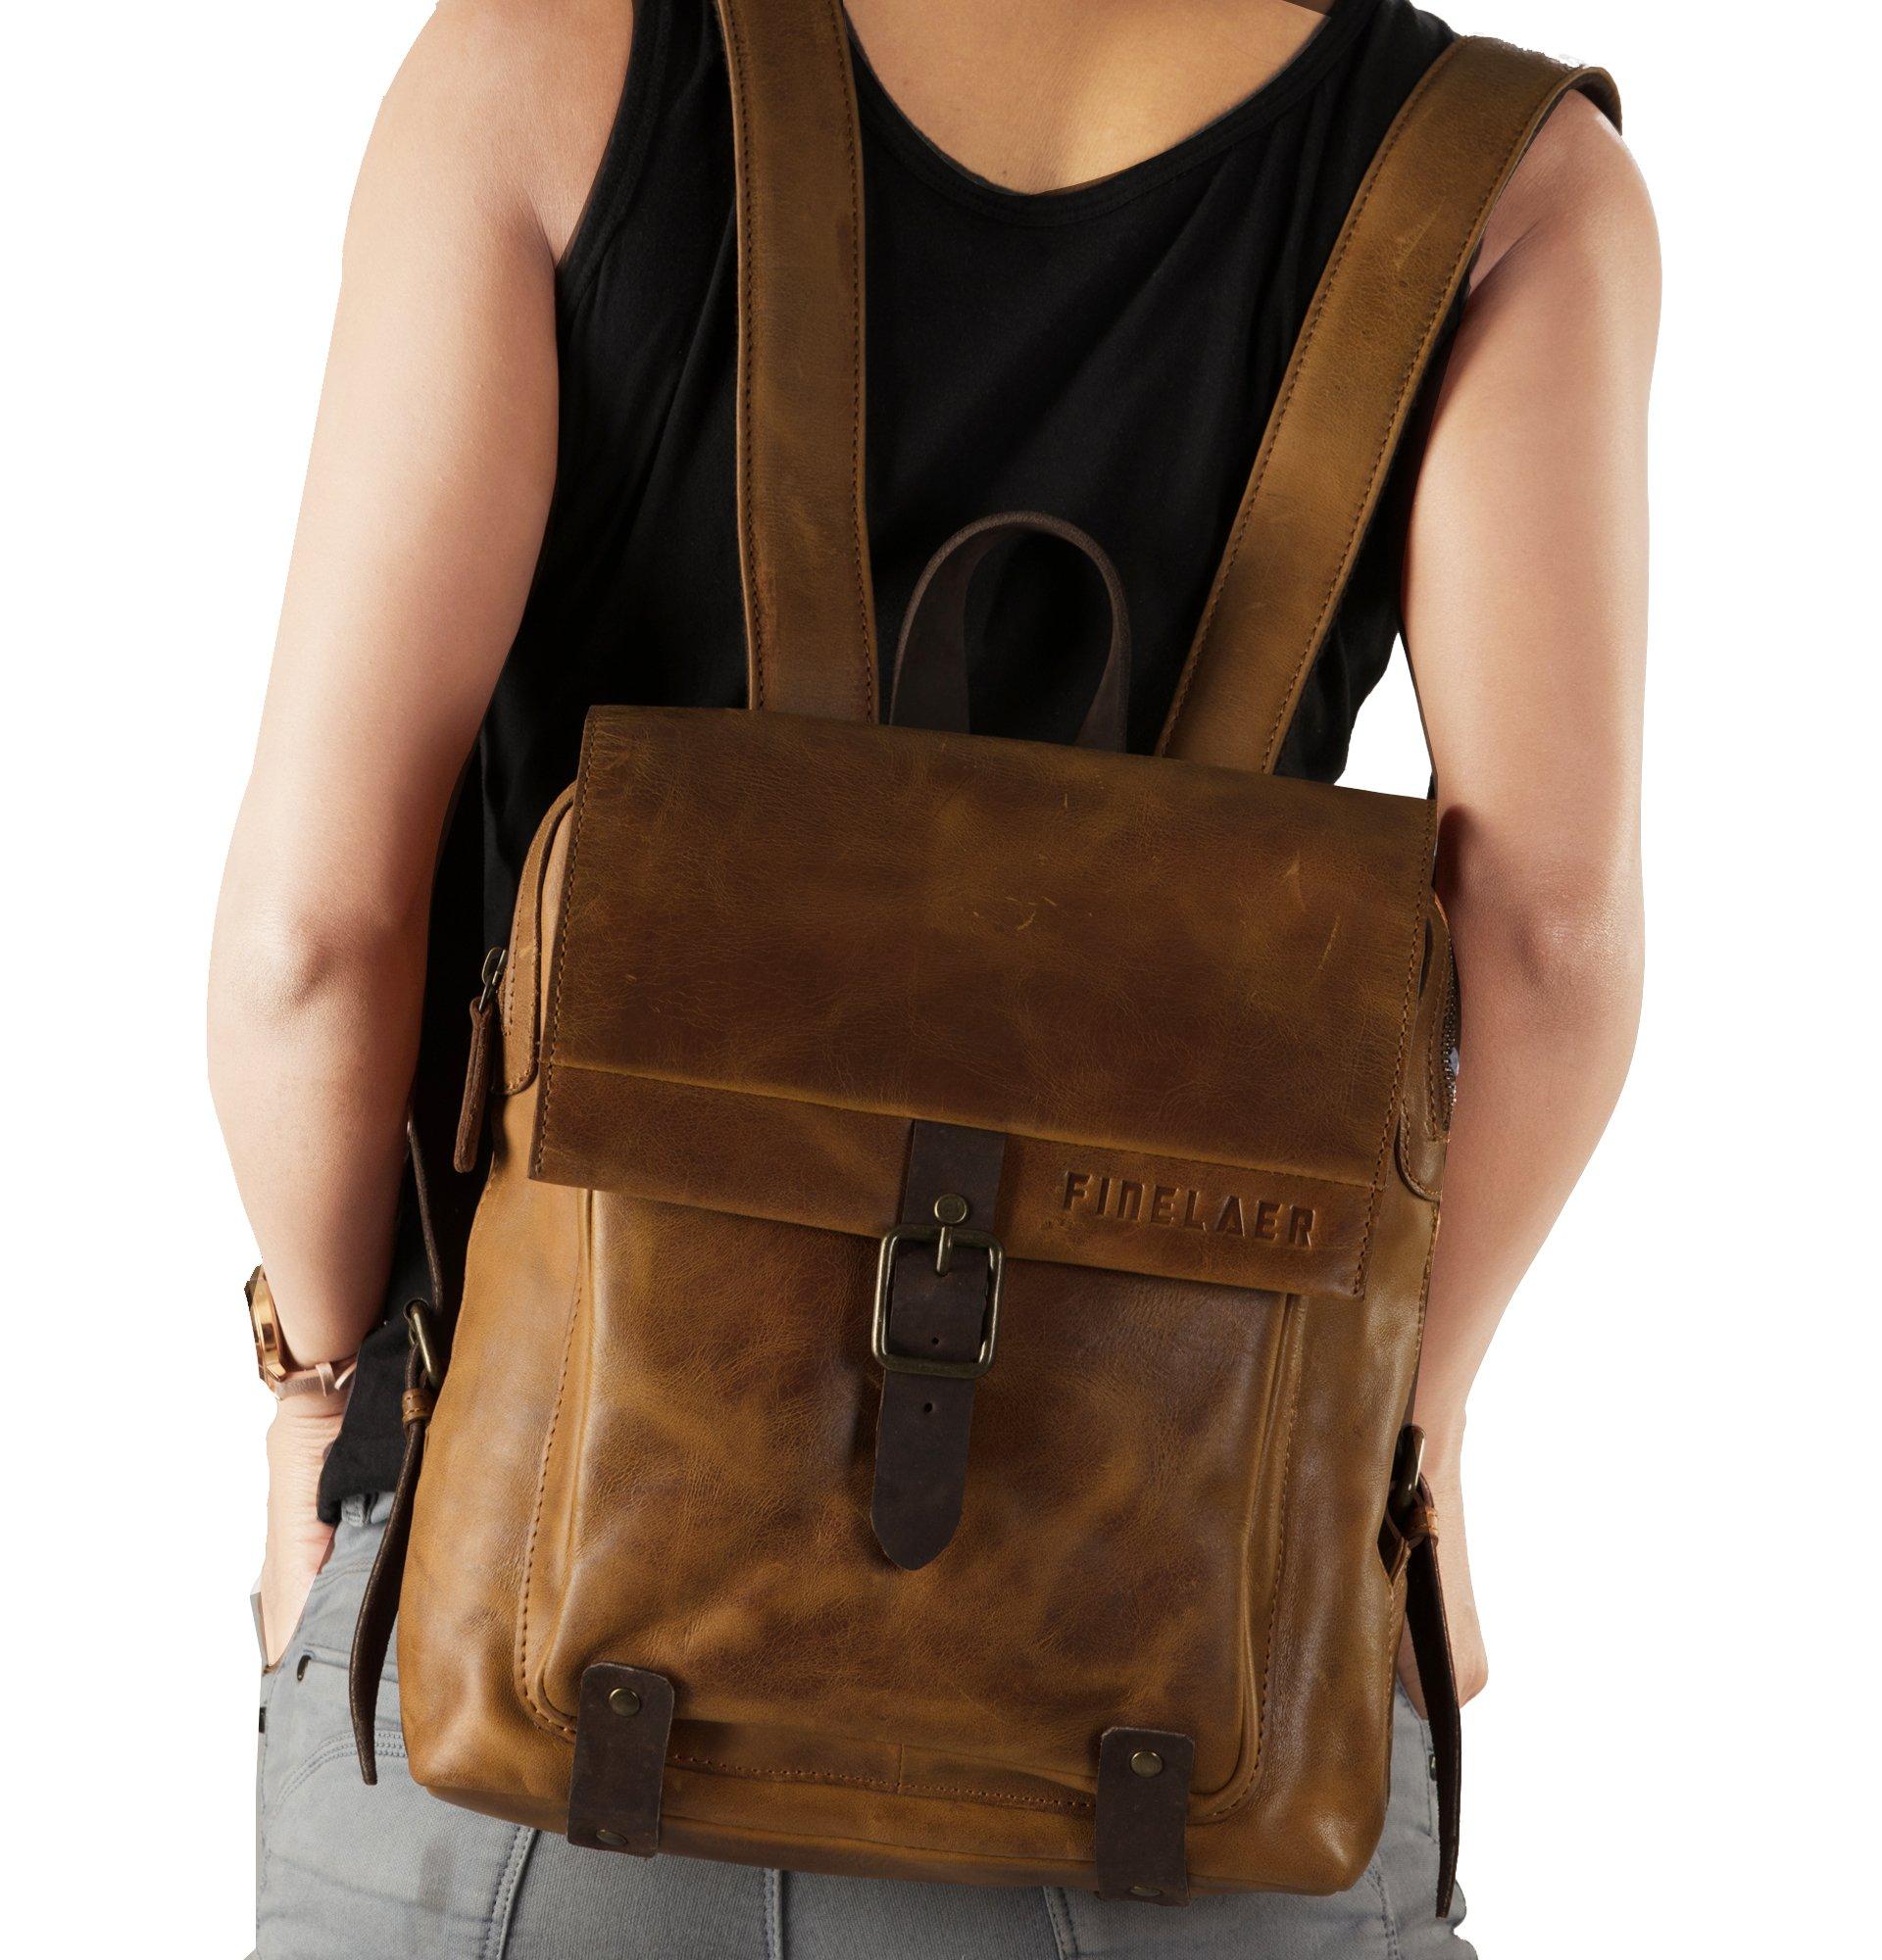 Finelaer Vintage Genuine Leather Backpack DayPack Travel College Bag Brown Men Women by FINELAER (Image #5)